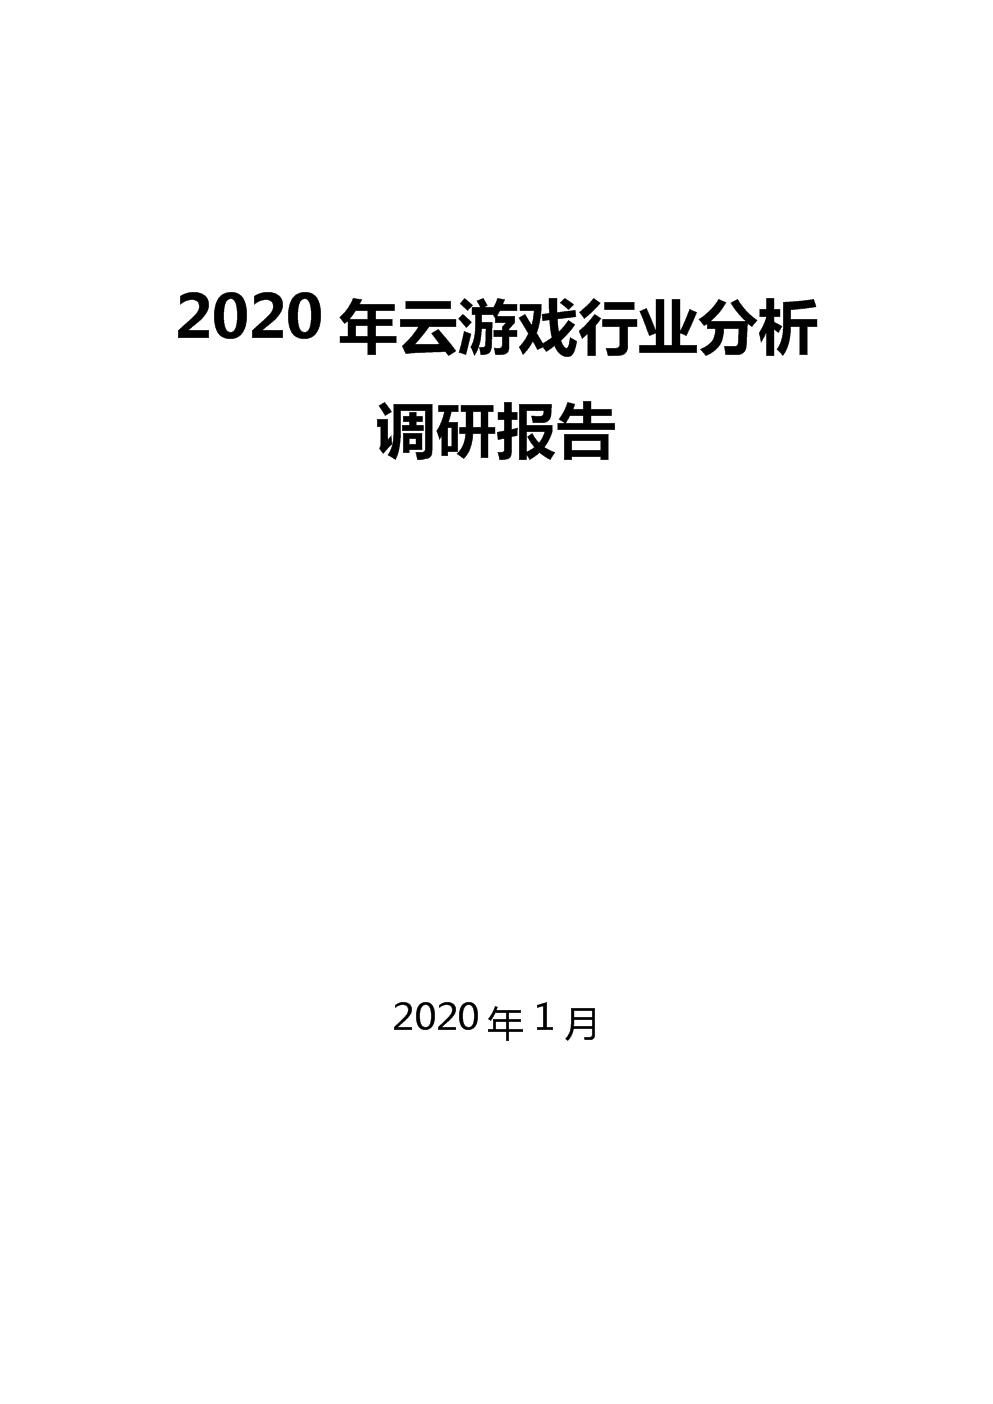 2020云游戏行业分析调研.docx